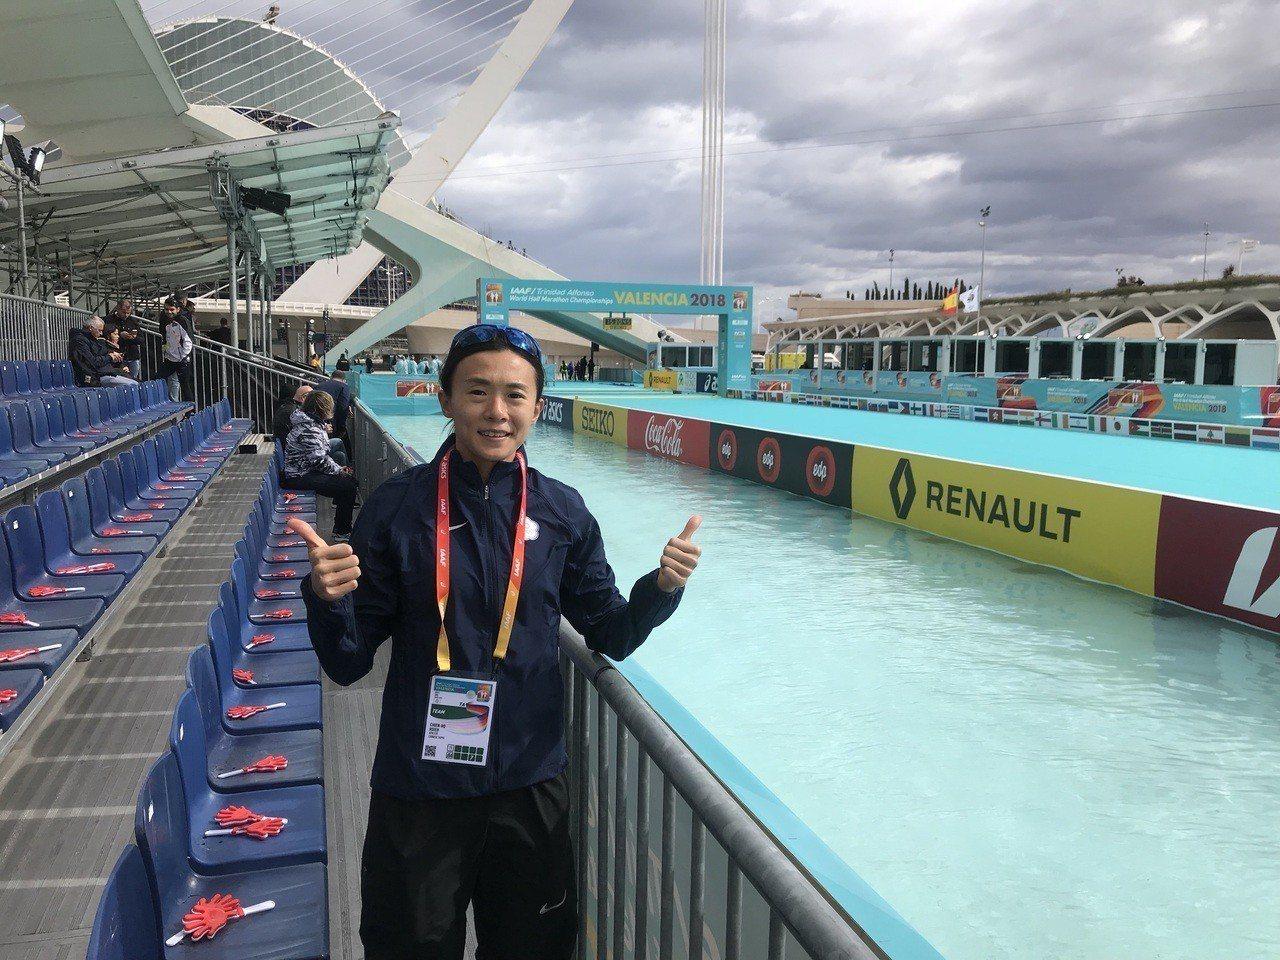 台灣長跑好手謝千鶴參加世界半程馬拉松錦標賽。圖/中華田徑協會提供